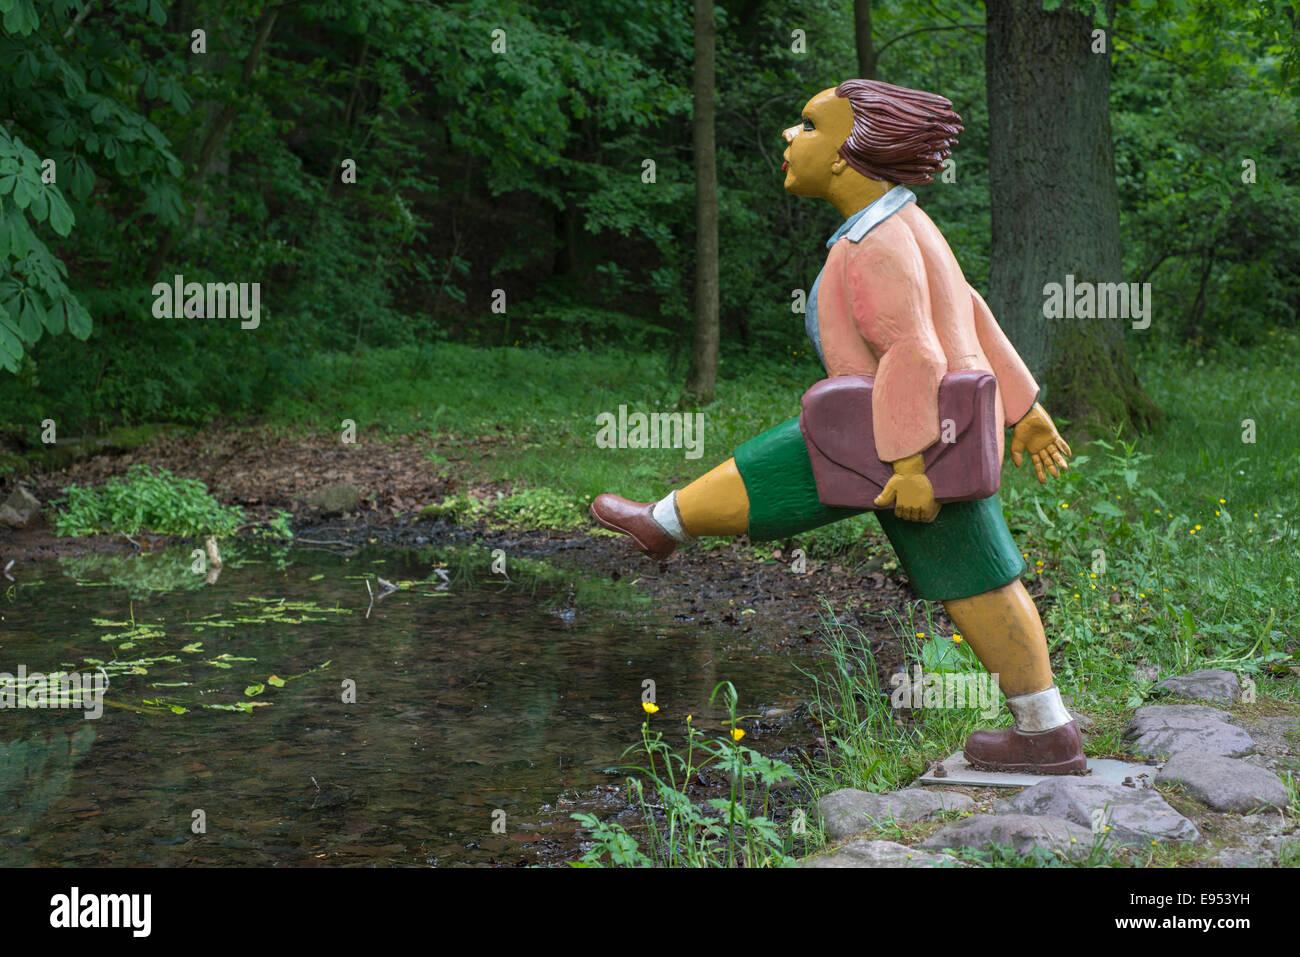 """Titelfigur von """"die Geschichte von Johnny Kopf in der Luft"""", aus dem Kinderbuch """"Struwwelpeter"""" Stockbild"""